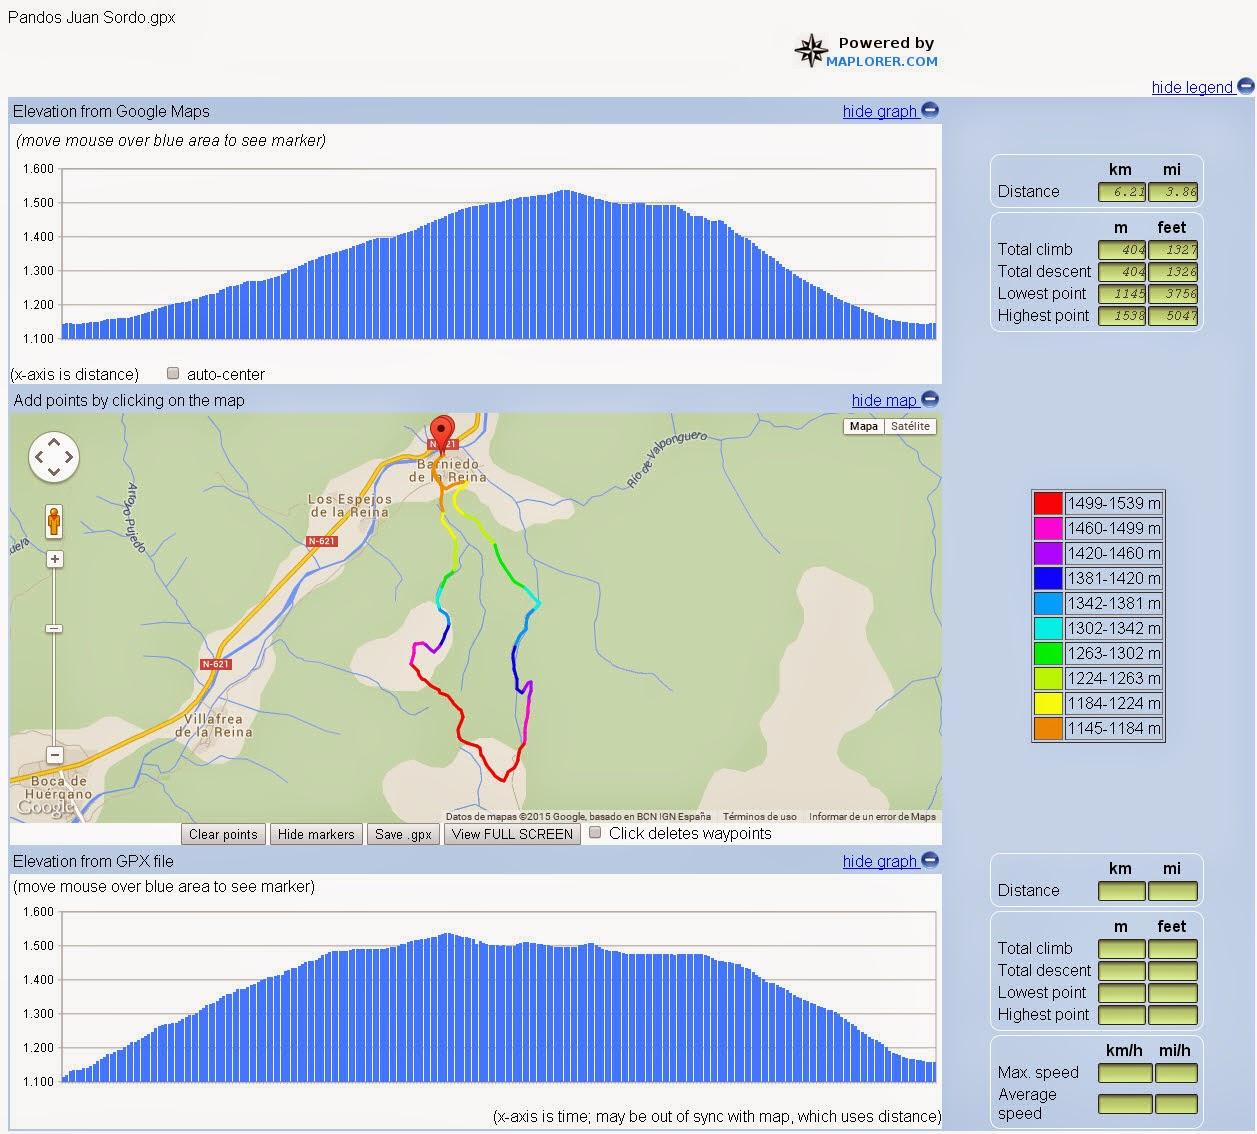 hight resolution of los perfiles de elevaci n se muestran basados tanto en google maps como en los datos del track si tiene datos de elevaci n v lidos